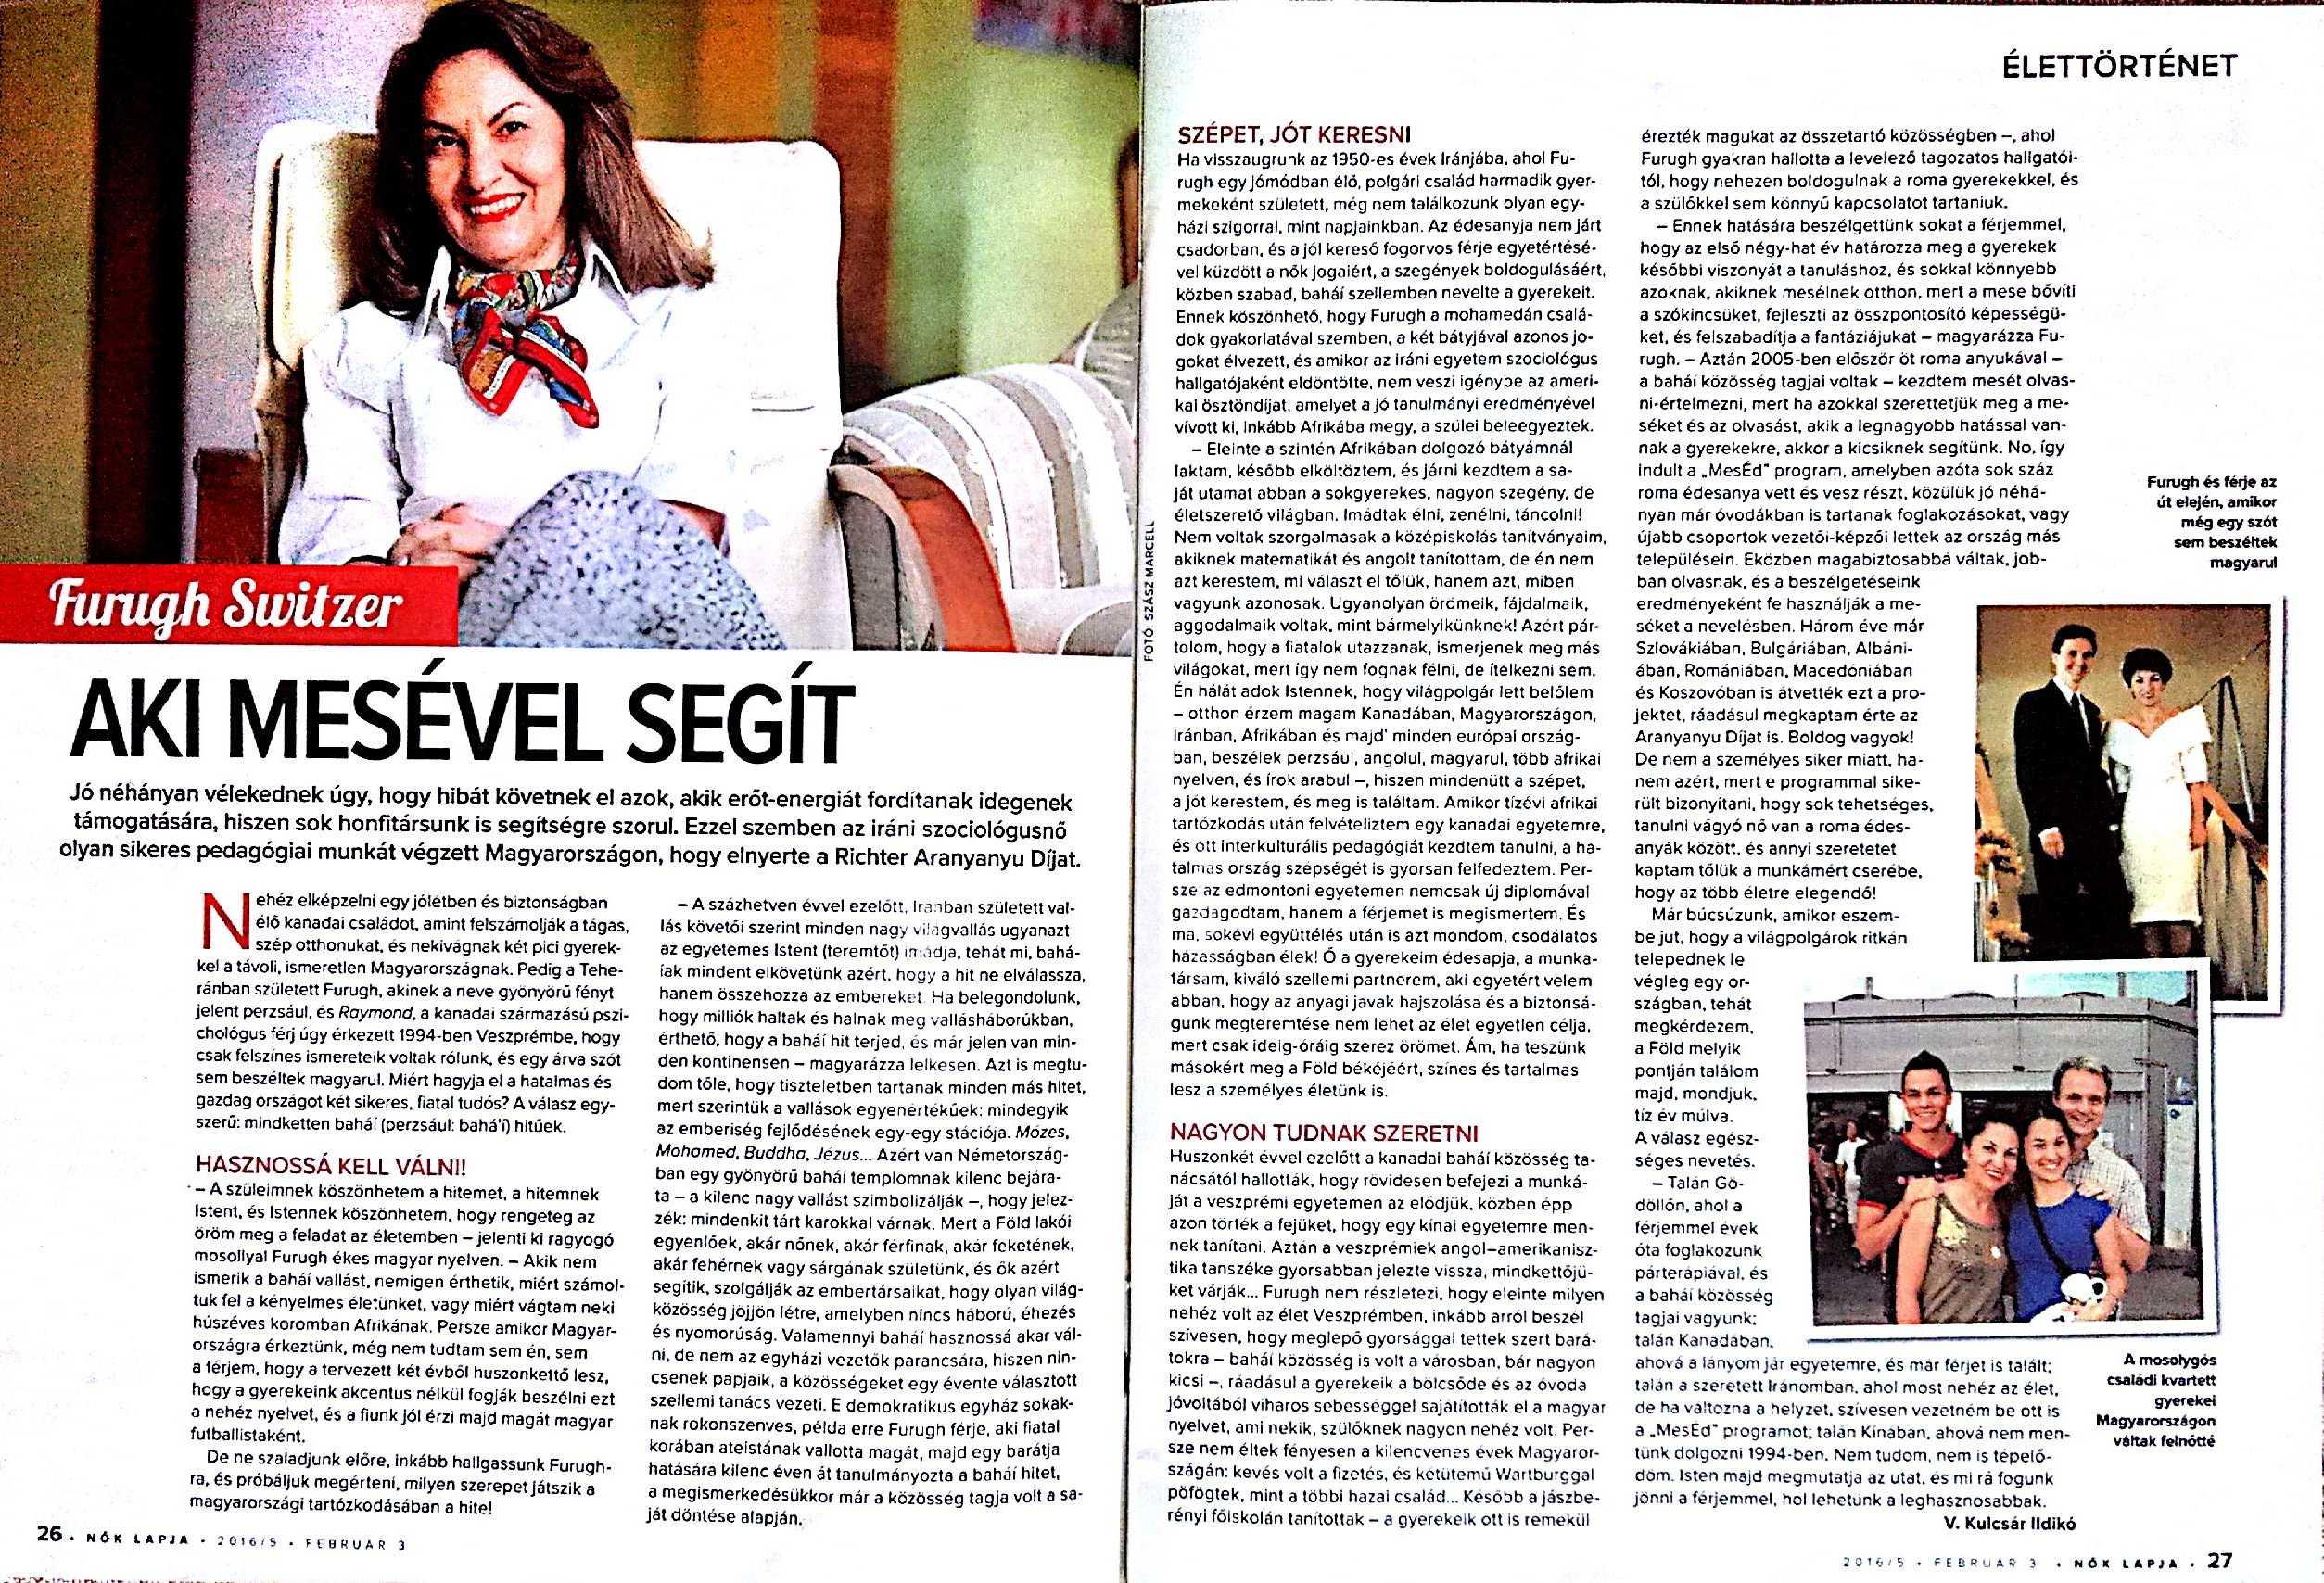 A Nők Lapja cikke: Furugh Switzer – Aki mesével segít. 2016. február 3. (5. szám) 26-27. oldal